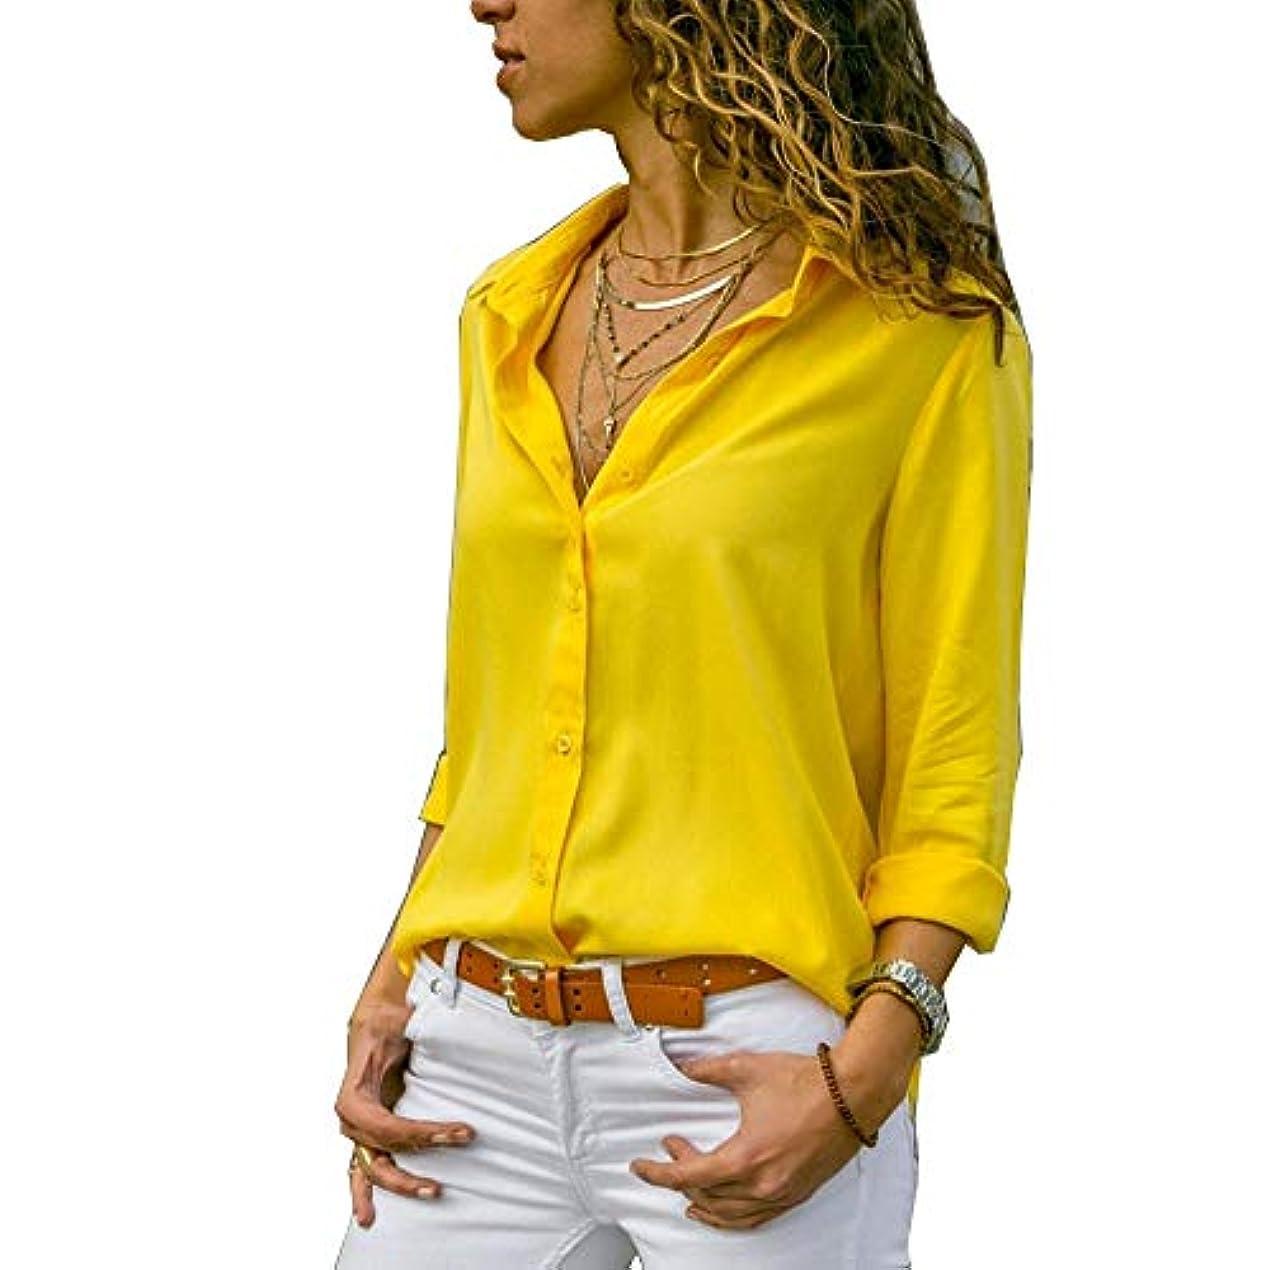 たらい寄付するブレースMIFAN ルーズシャツ、トップス&Tシャツ、プラスサイズ、トップス&ブラウス、シフォンブラウス、女性トップス、シフォンシャツ